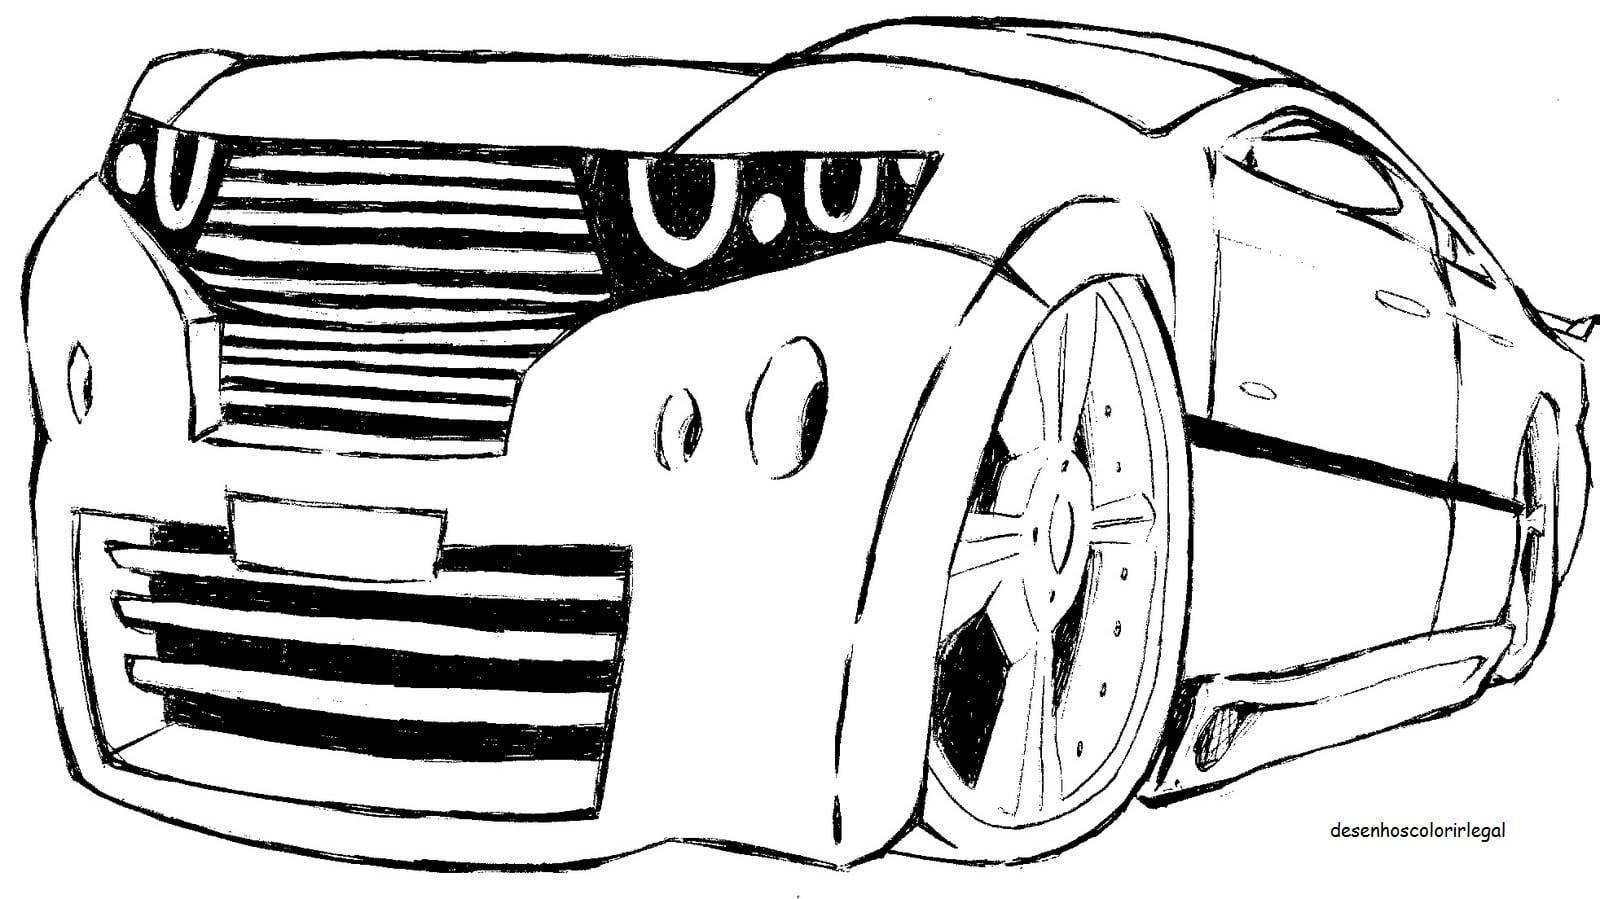 Desenho Para Colorir De Carros Disney: Desenhos De Carros Para Colorir E Imprimir Gratis